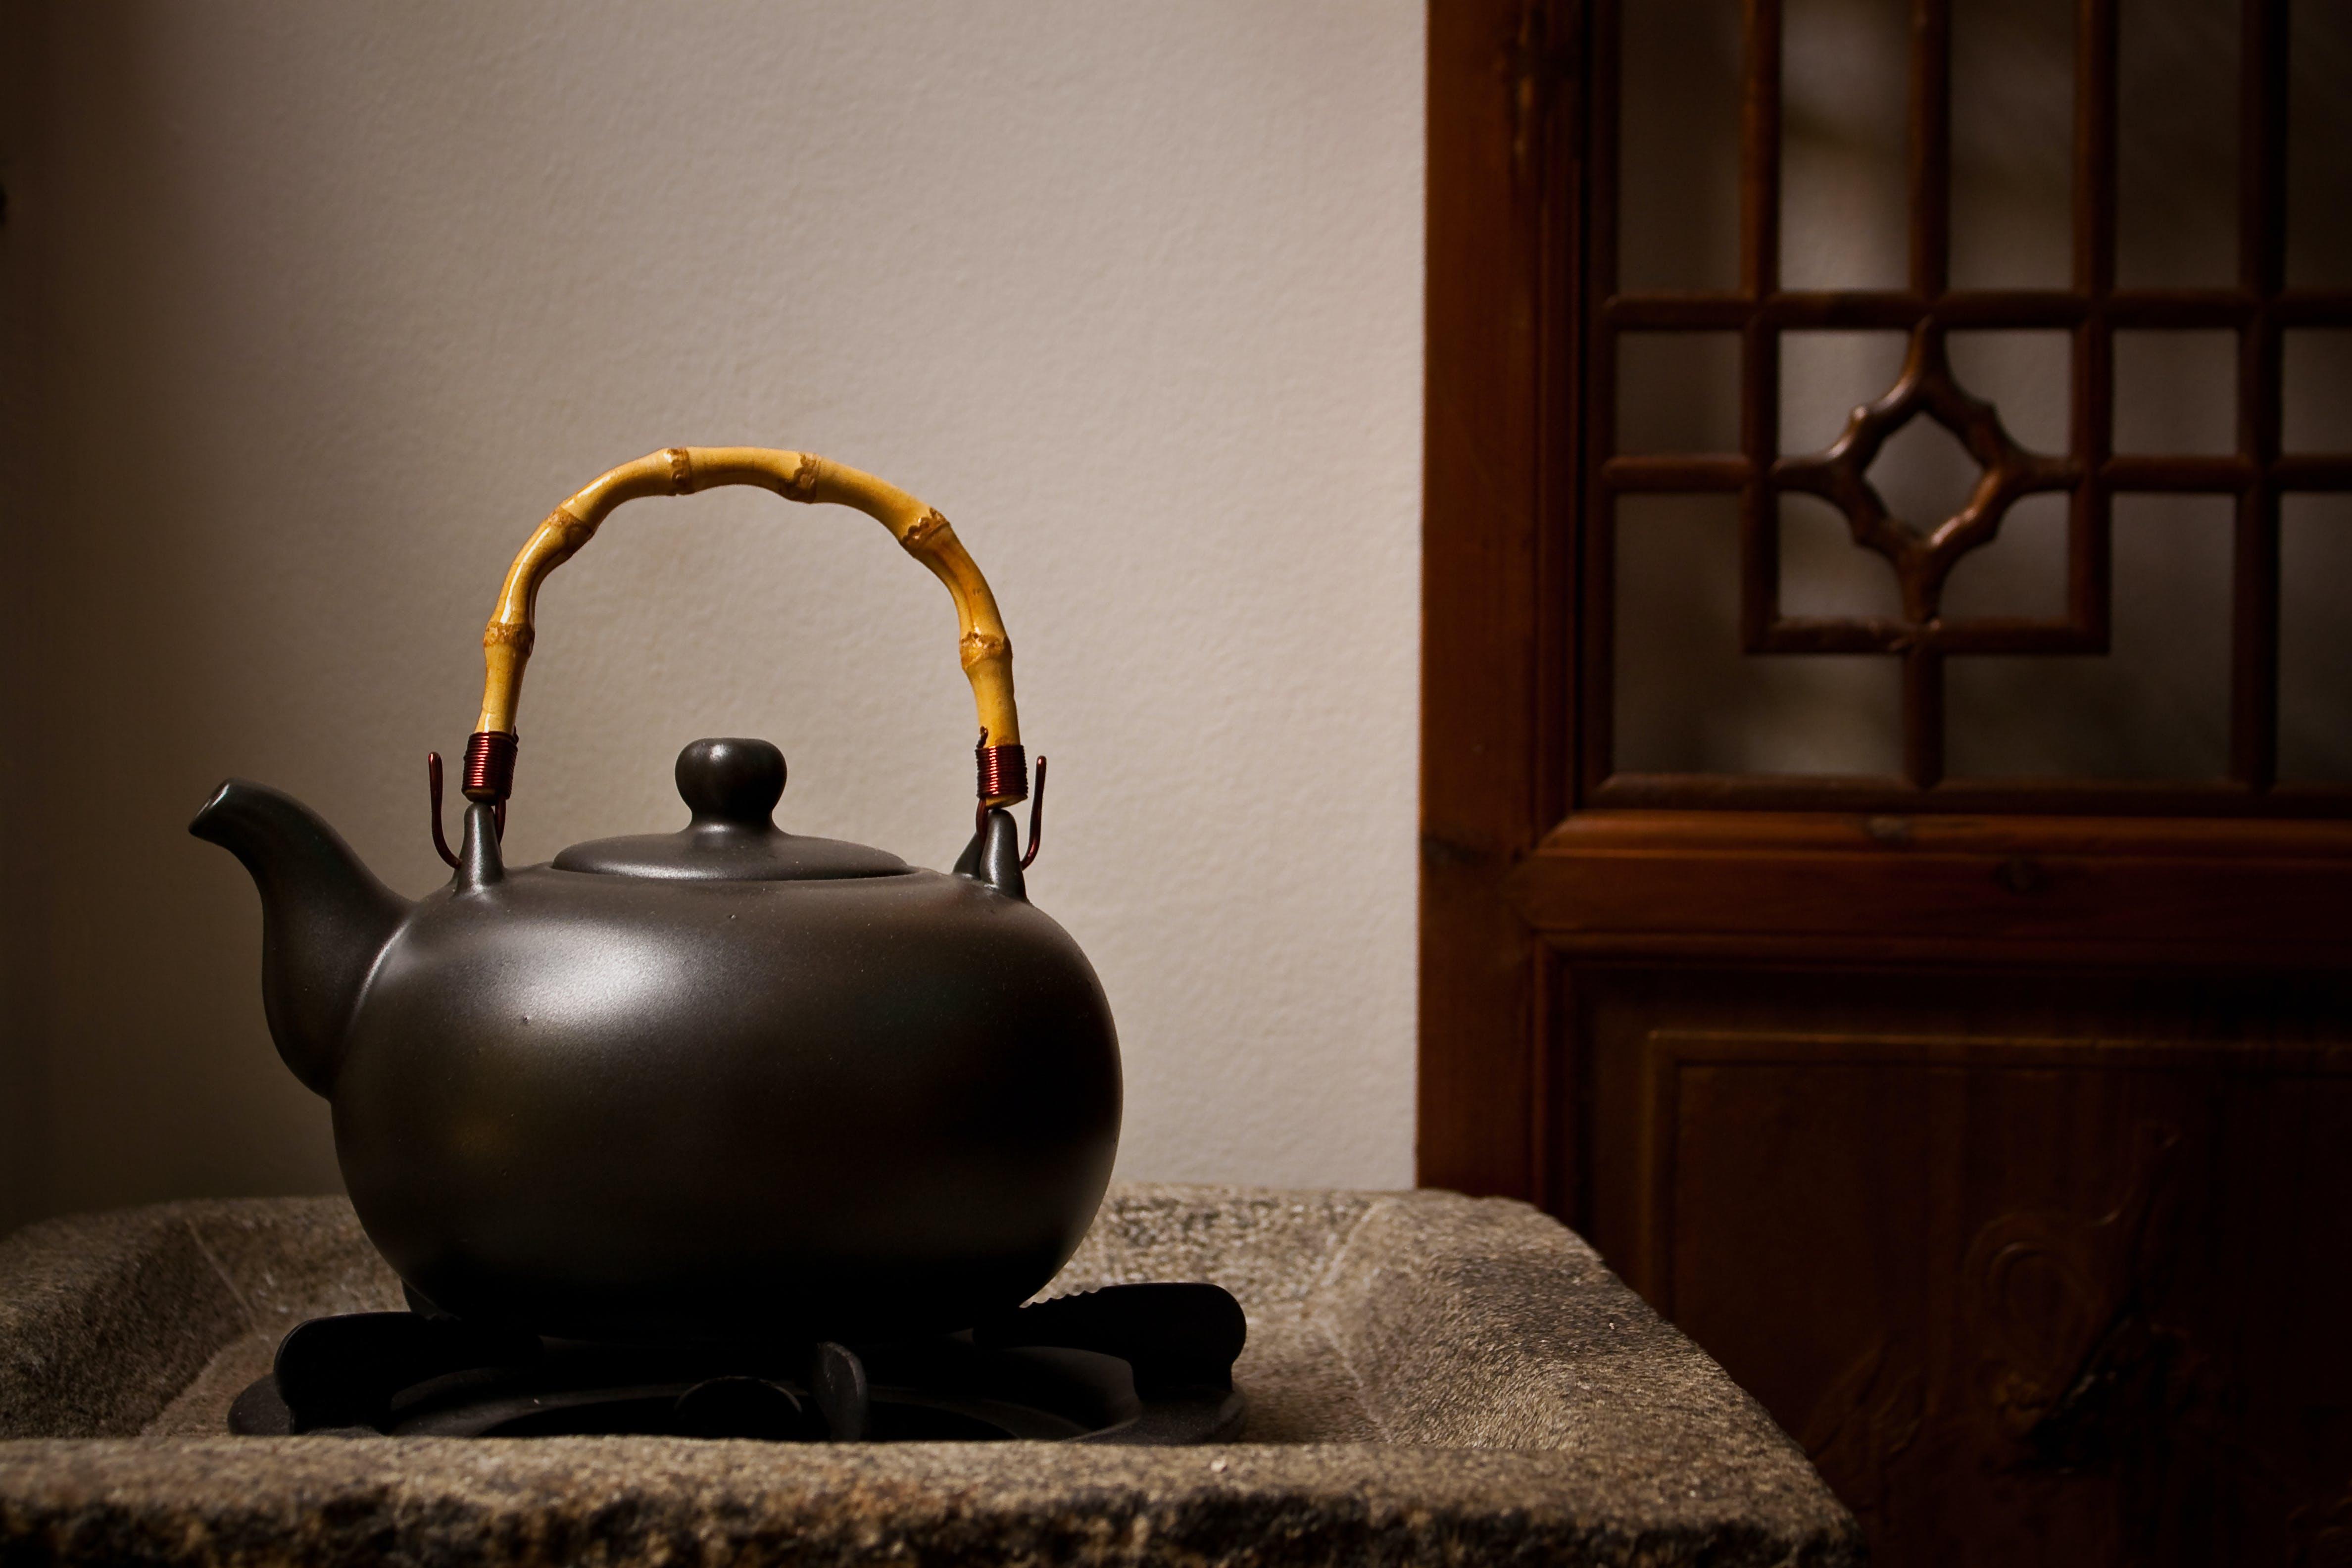 Unused Teapot on Side Table